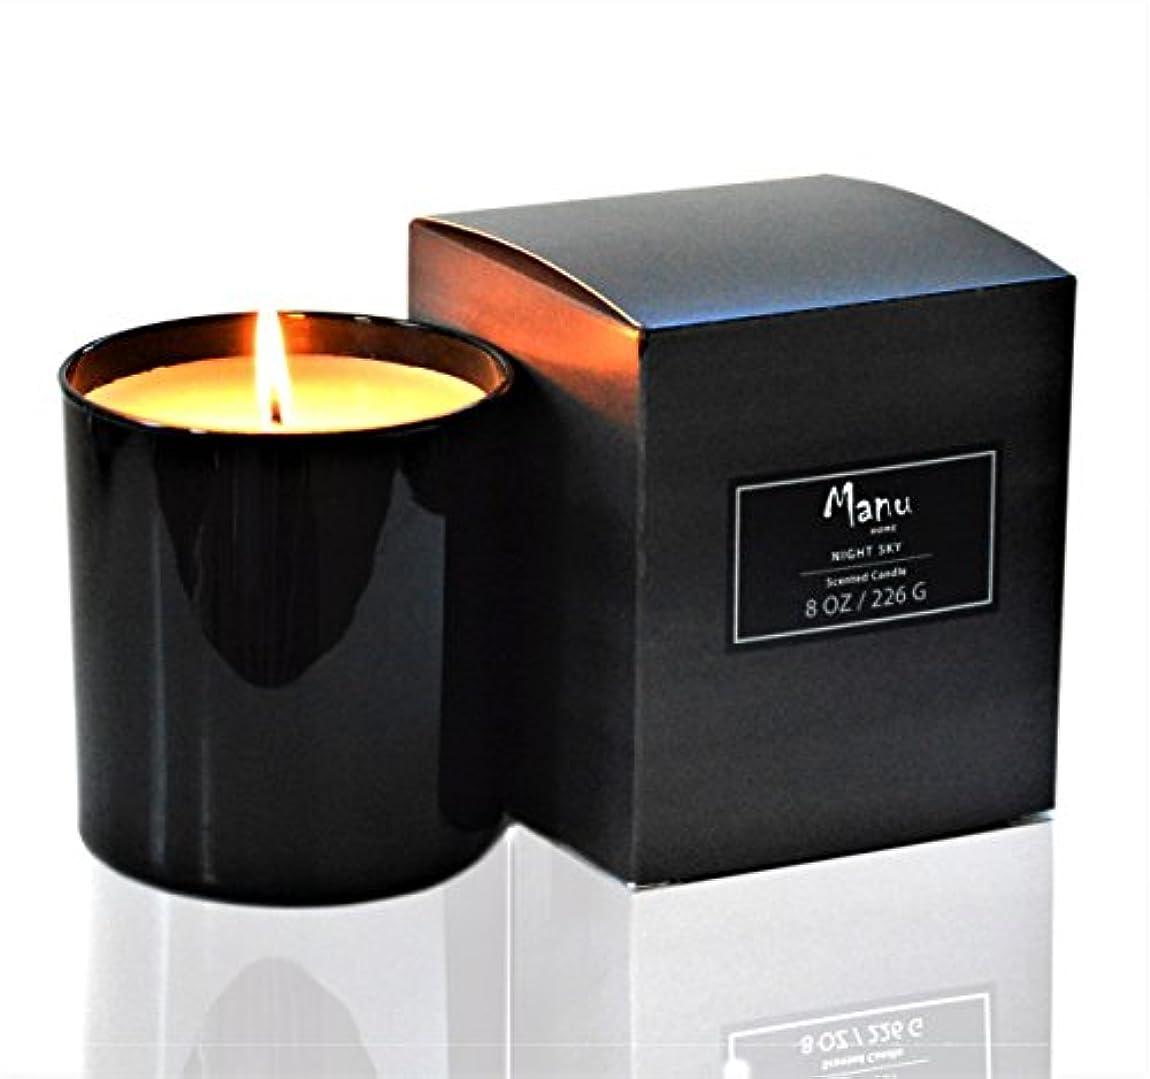 豊かな一見トランザクションCyber Week Special 。ManuホームNight Sky Scented Candle ~ A Refreshingライトの香りジャスミン、スエードとホワイトFrangipani ~ソフト香り~ Soothing...